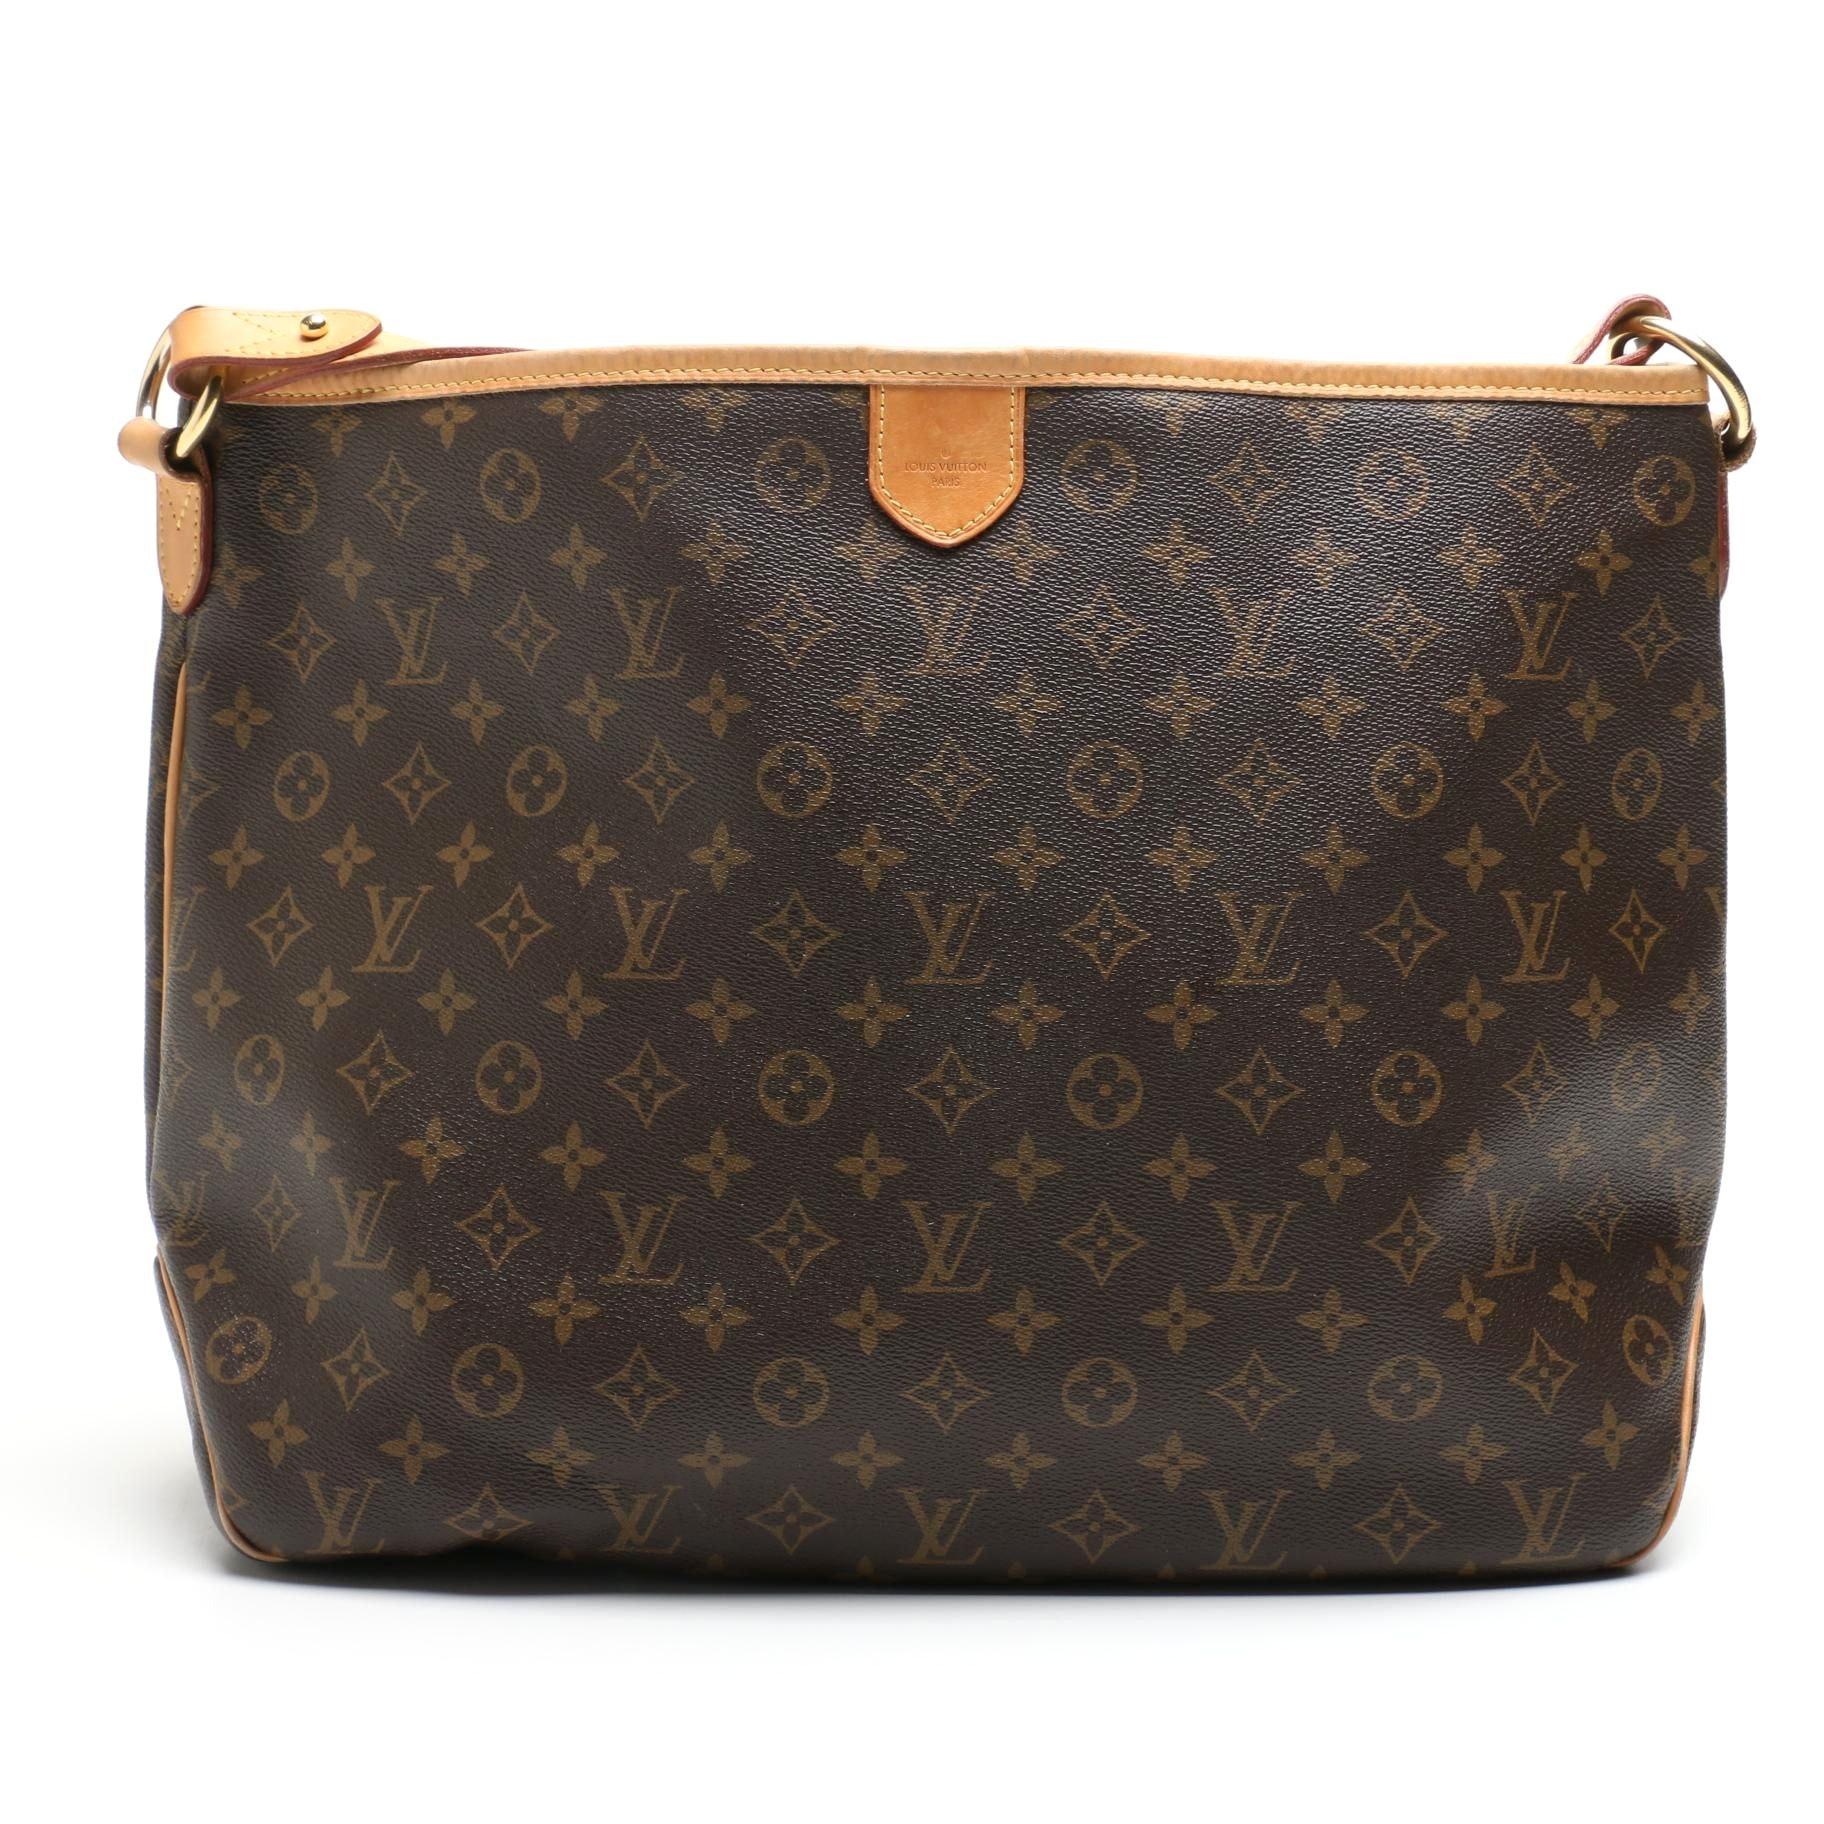 Louis Vuitton of Paris Monogram Canvas Delightful MM Bag